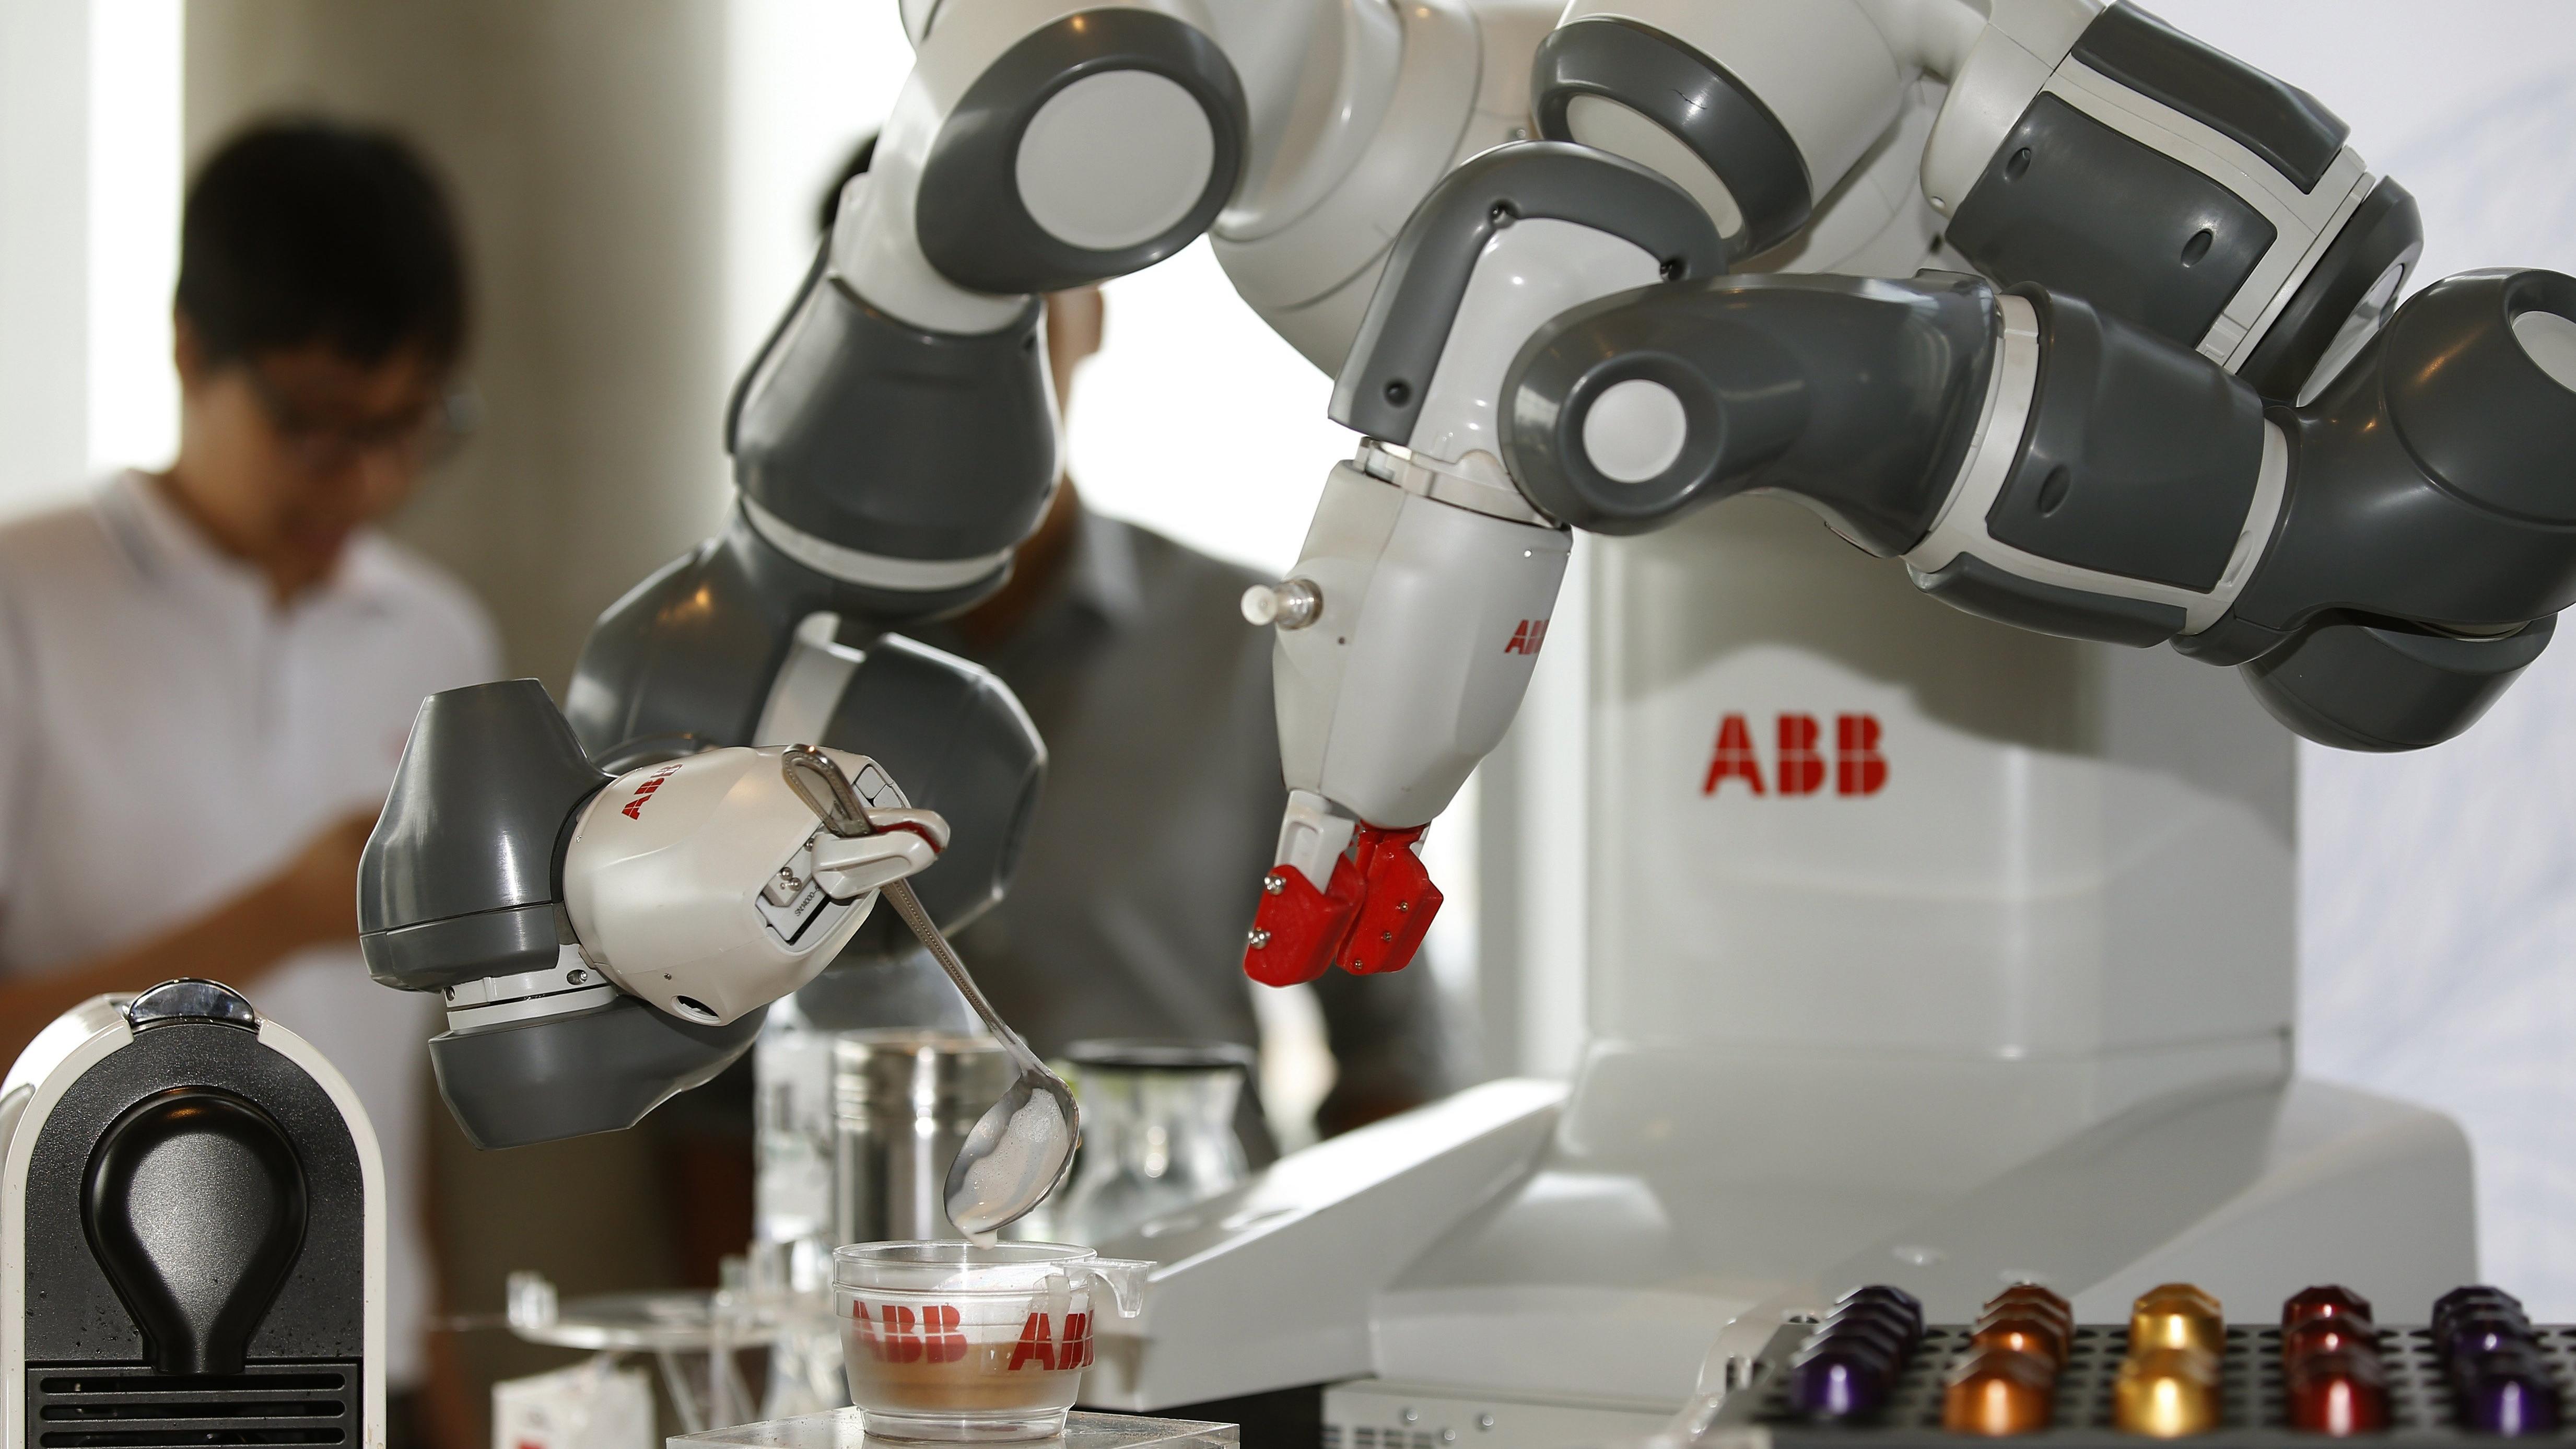 Tech world debate on robots and jobs heats up